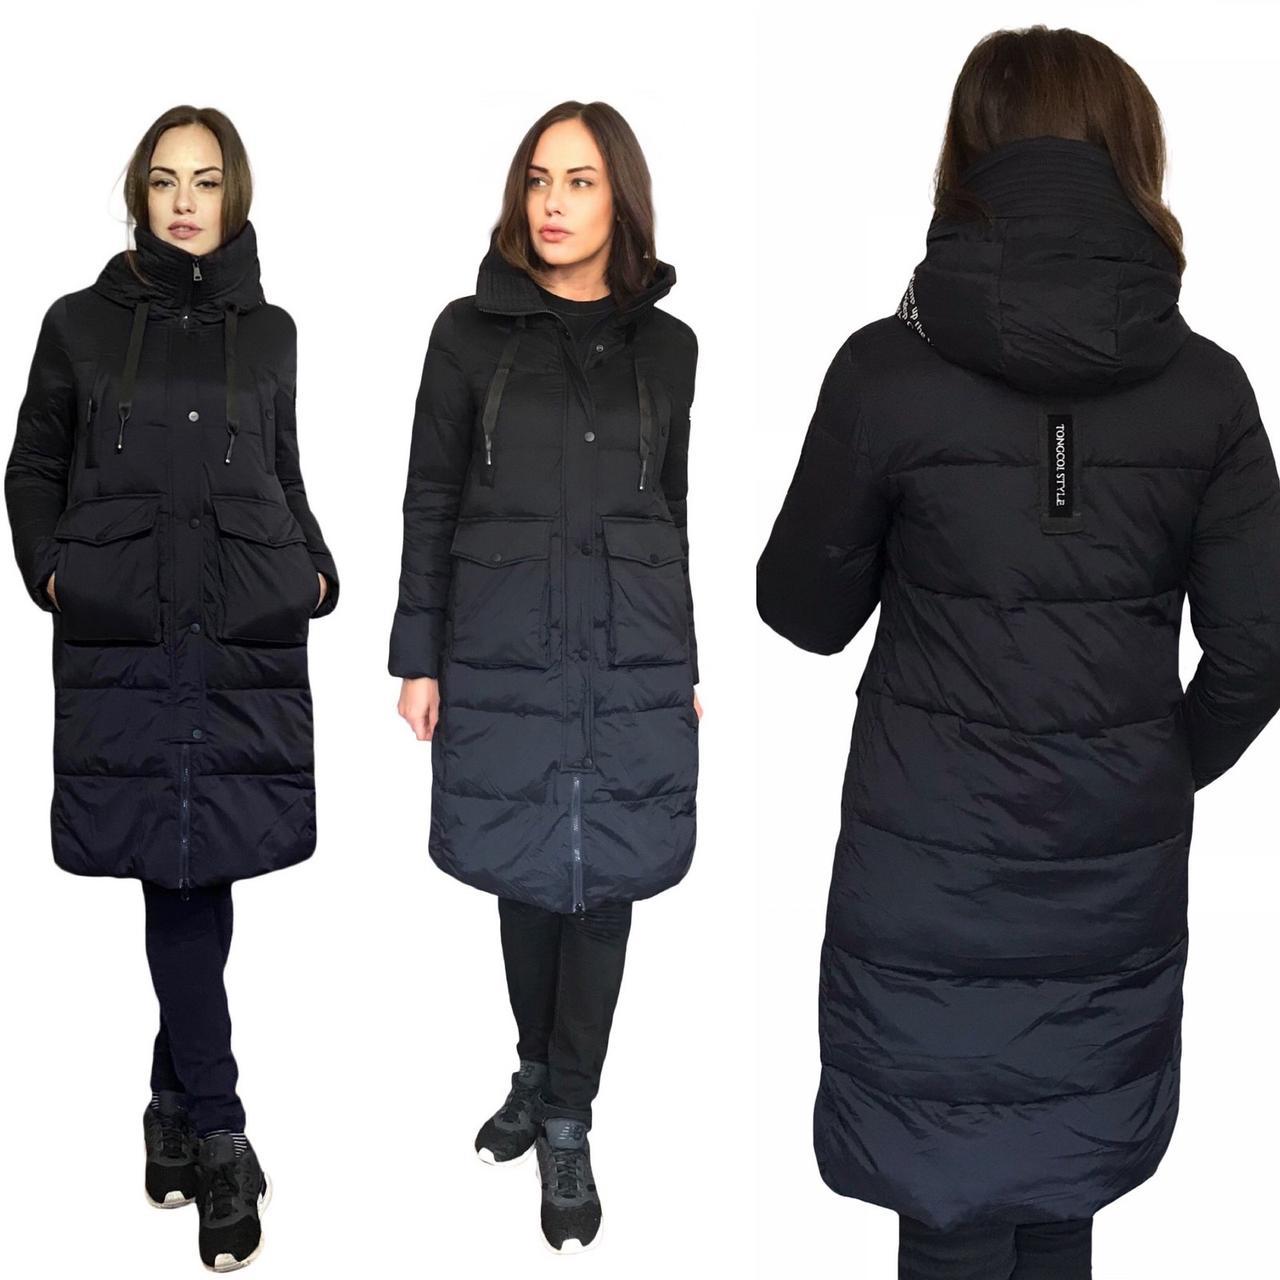 Зимнее Пальто Пуховик на Тинсулейте Дизайнерская Фабричная Модель Tongcoi  Размеры 42-52 в наличии